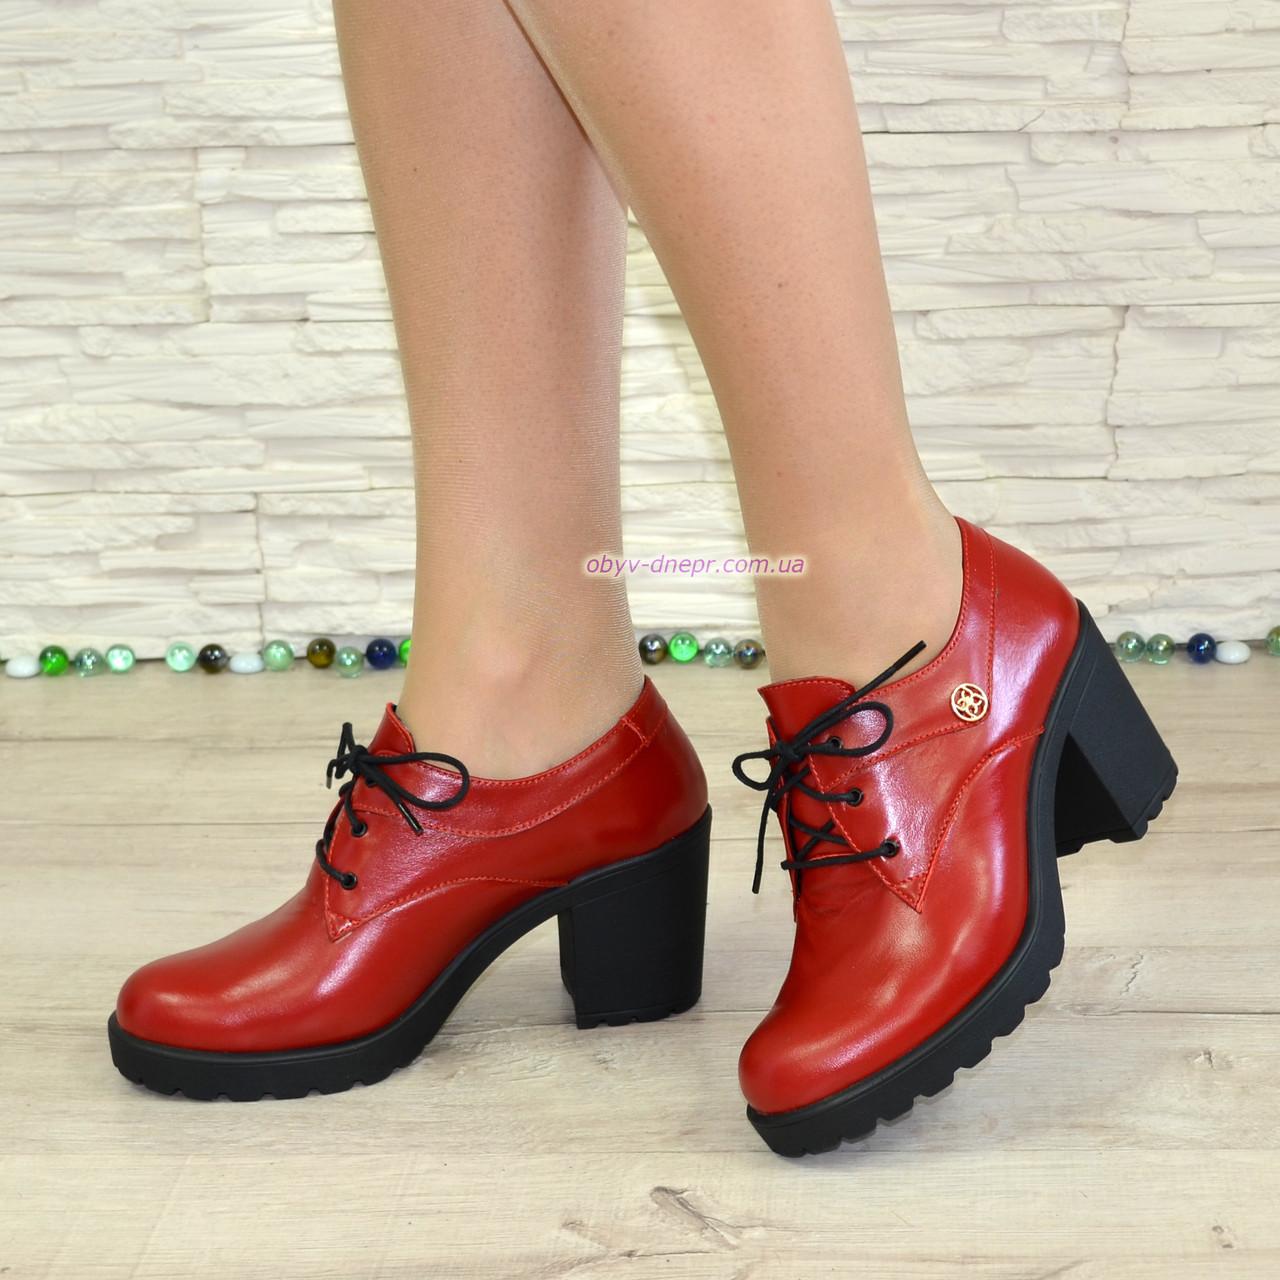 Туфли женские кожаные красные на шнуровке, декорированы фурнитурой